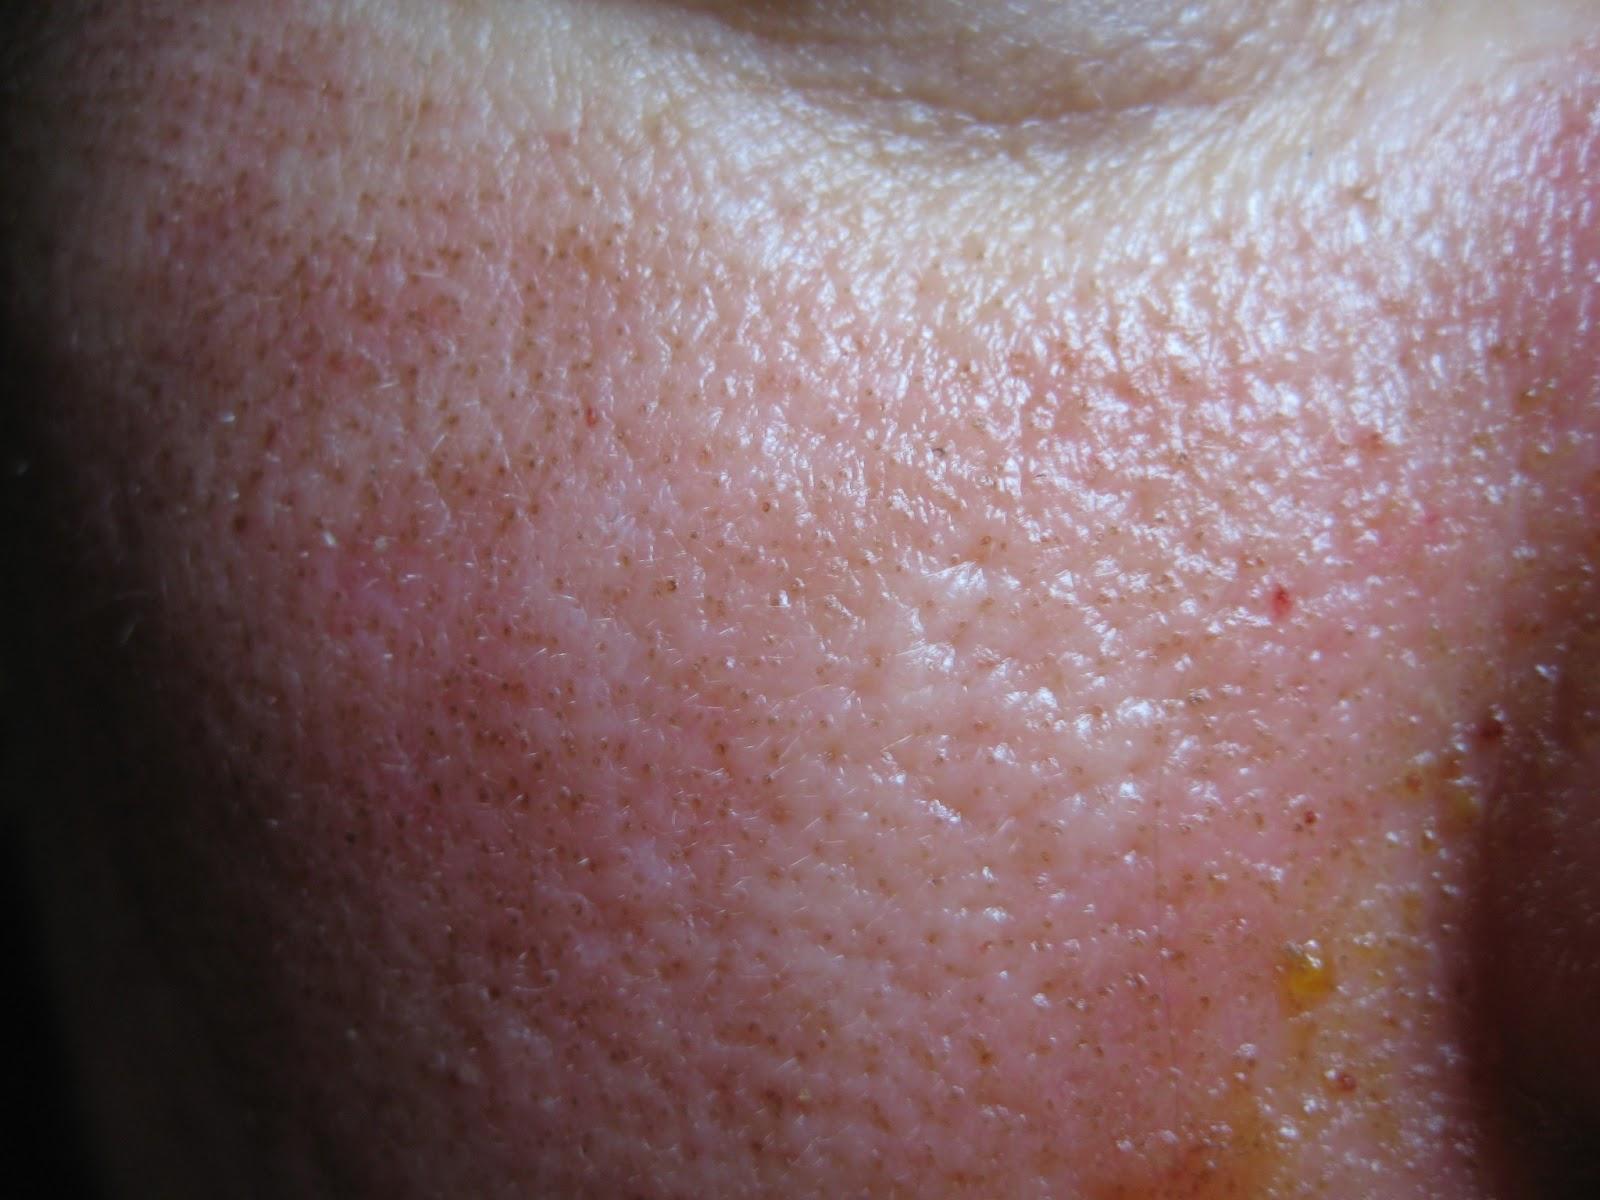 az intraductalis papilloma természetes kezelési módjai hpv vírus belirtileri